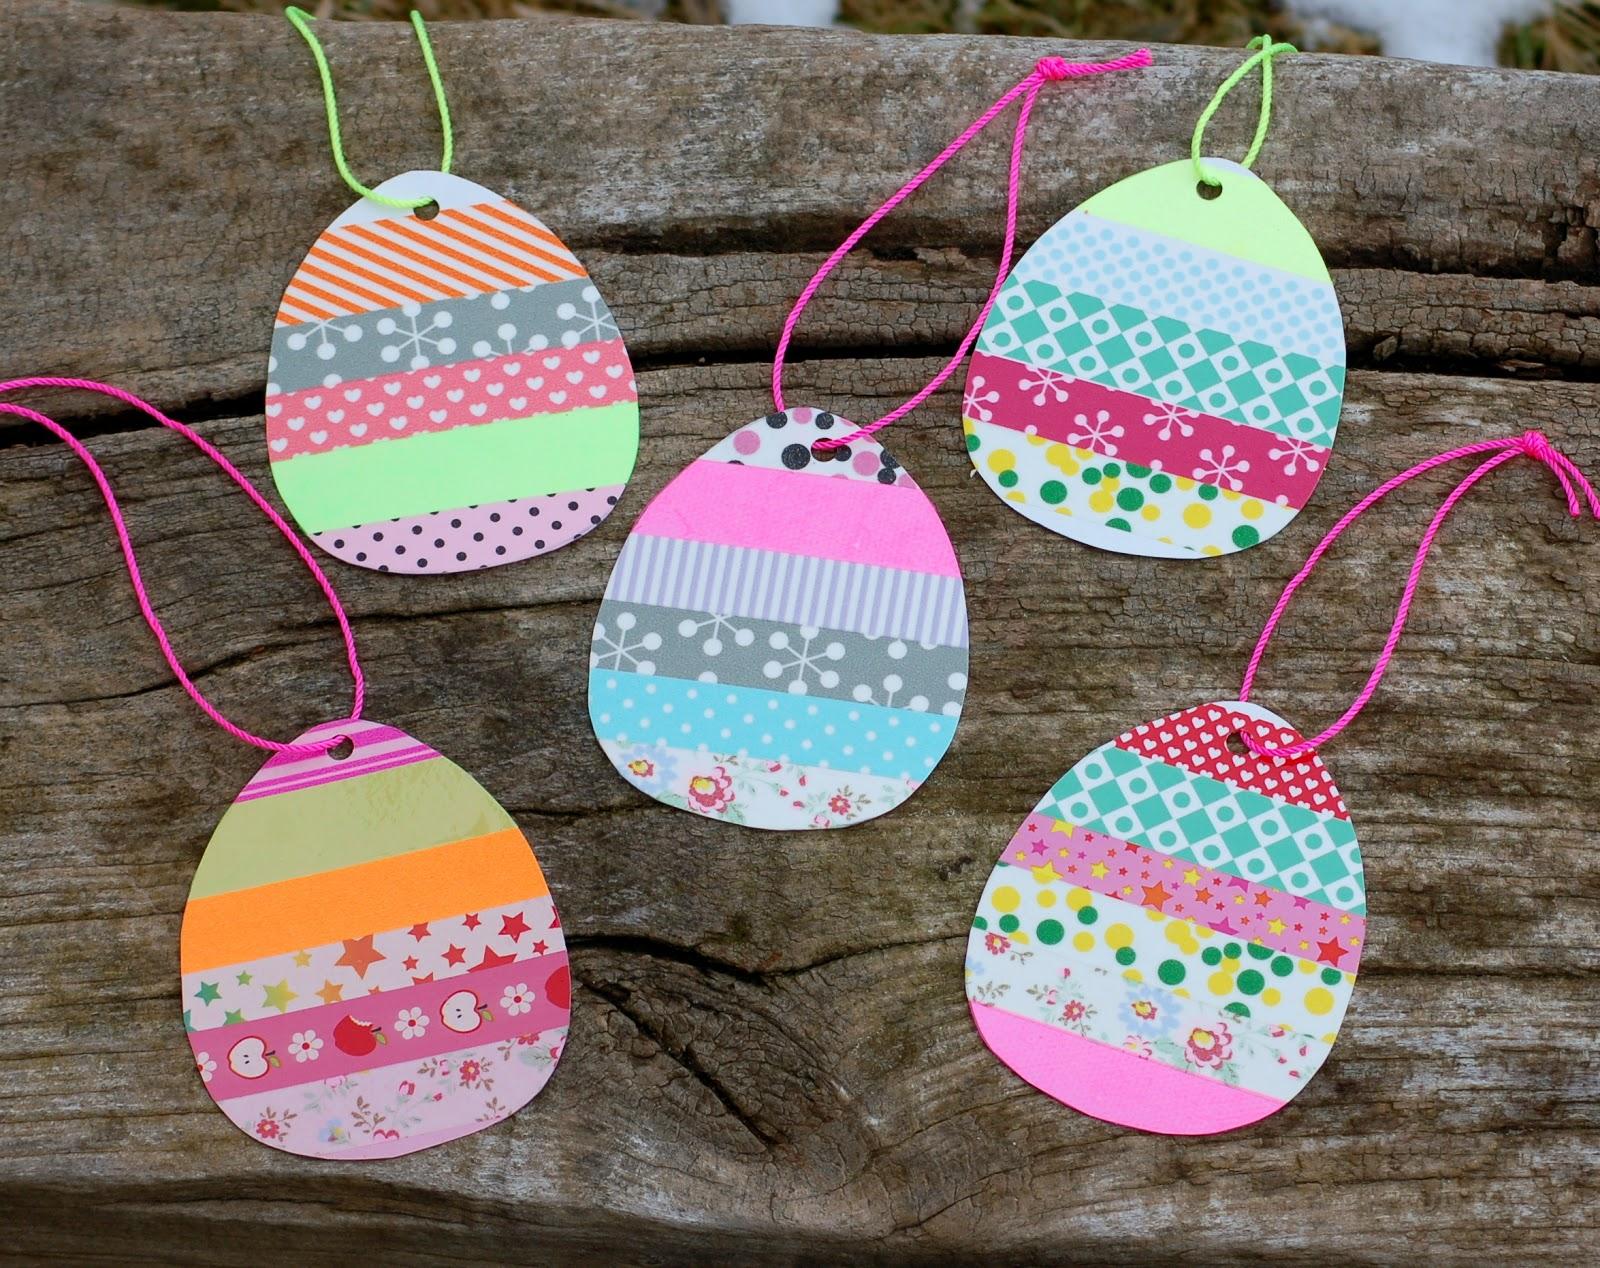 Pep et påske-æg! - SlinkyPiinky